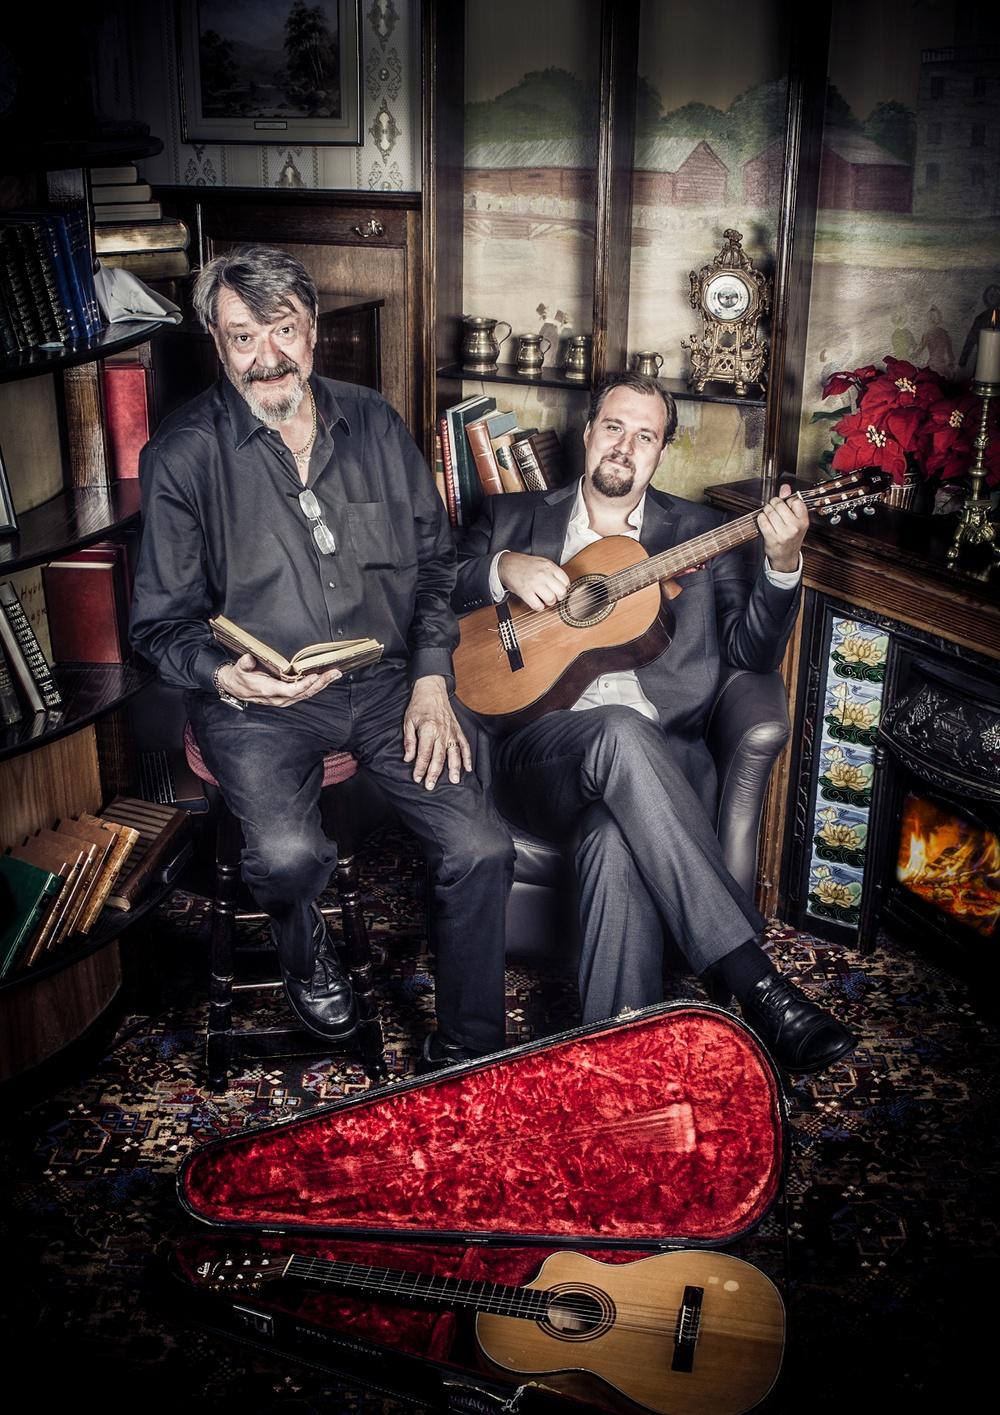 Kura skymning. En afton i väntan på julen. Stefan Ljungqvist och Anton Ljungqvist.